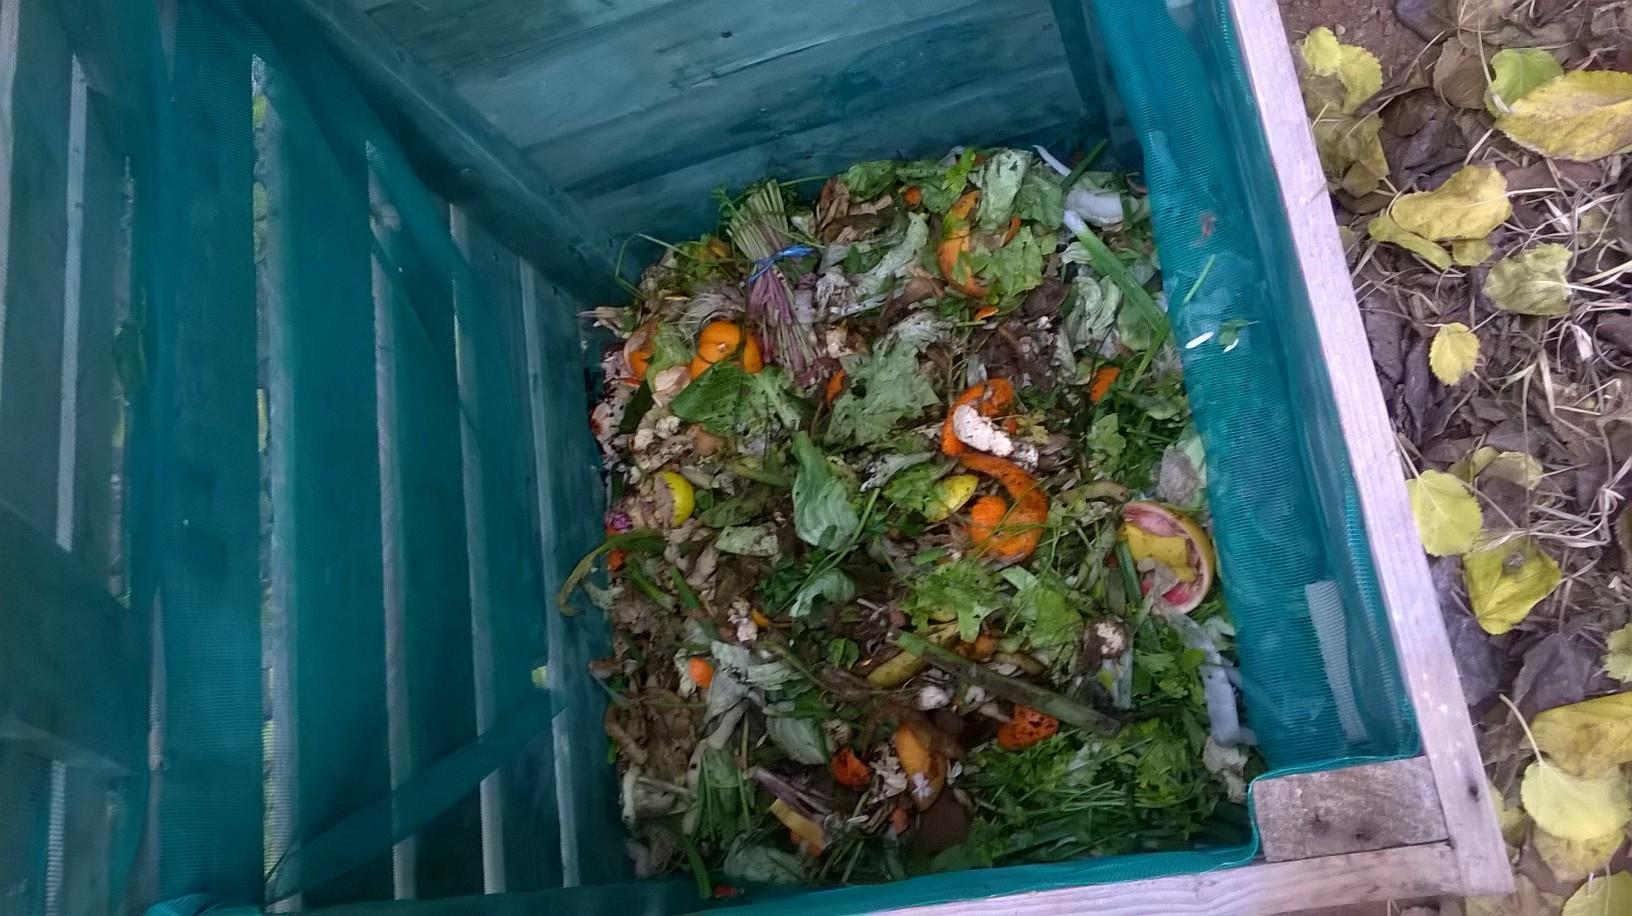 mettez votre poubelle au r gime compost azza tlili. Black Bedroom Furniture Sets. Home Design Ideas